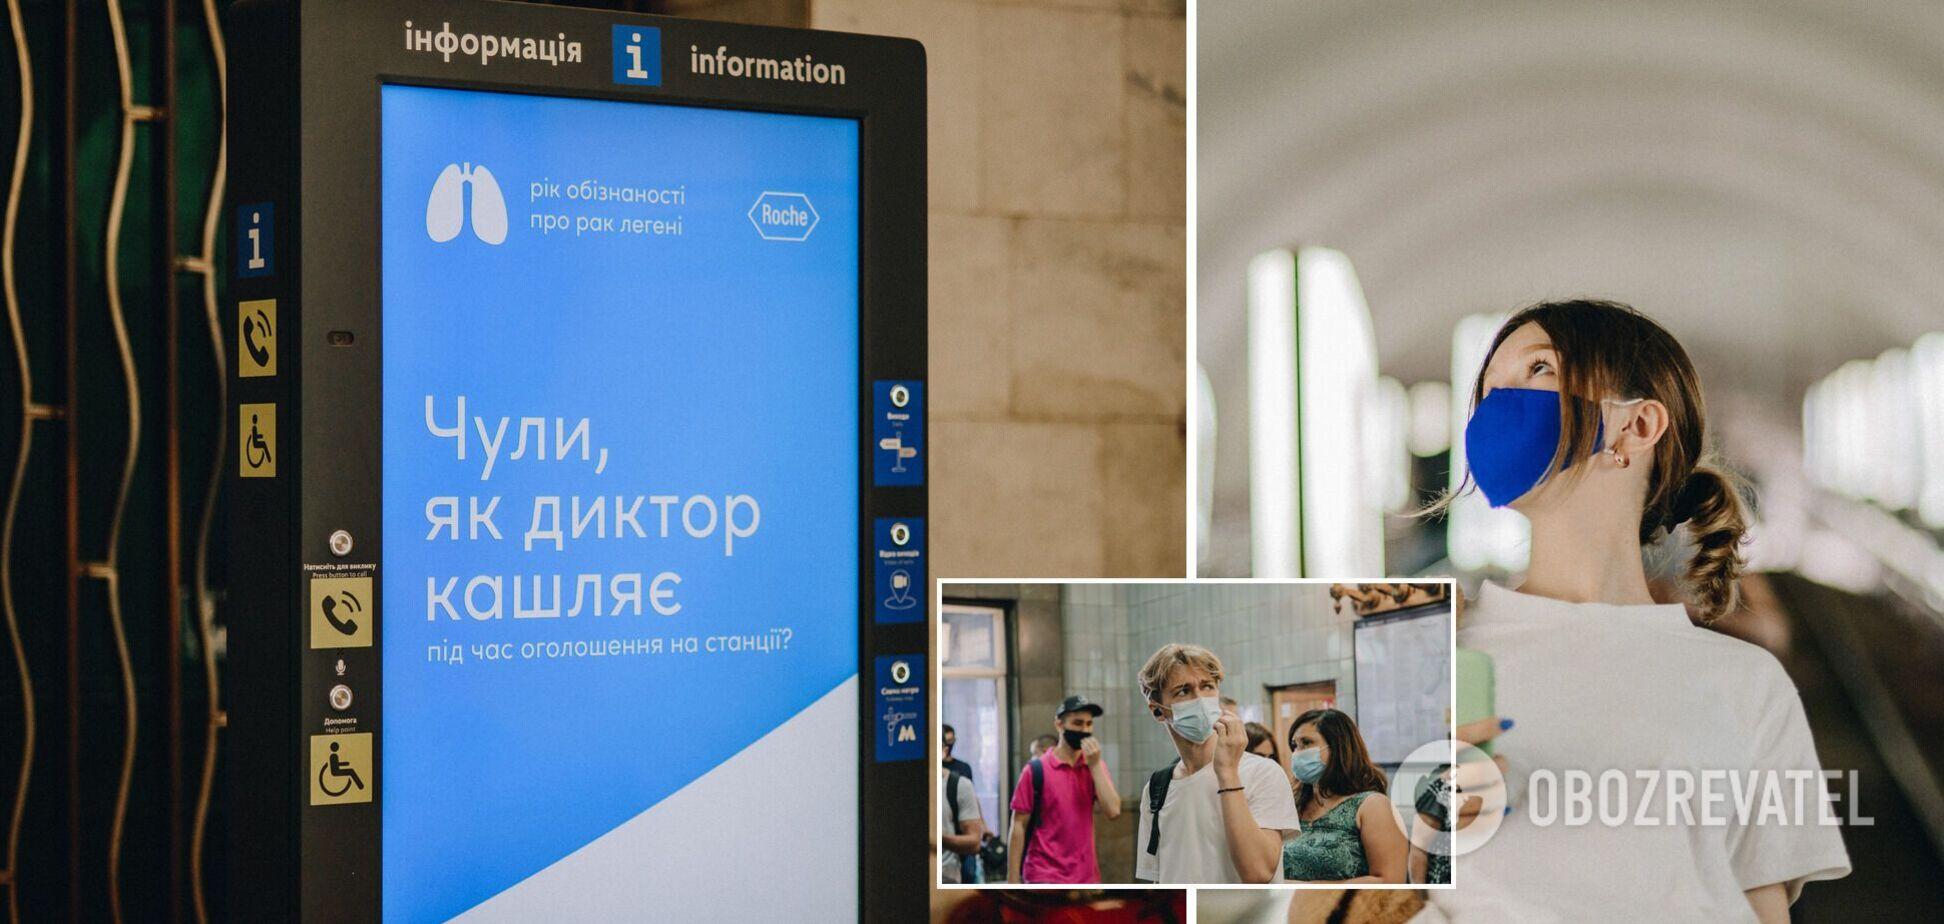 В киевском метро состоялся перформанс ко Дню борьбы с раком легких